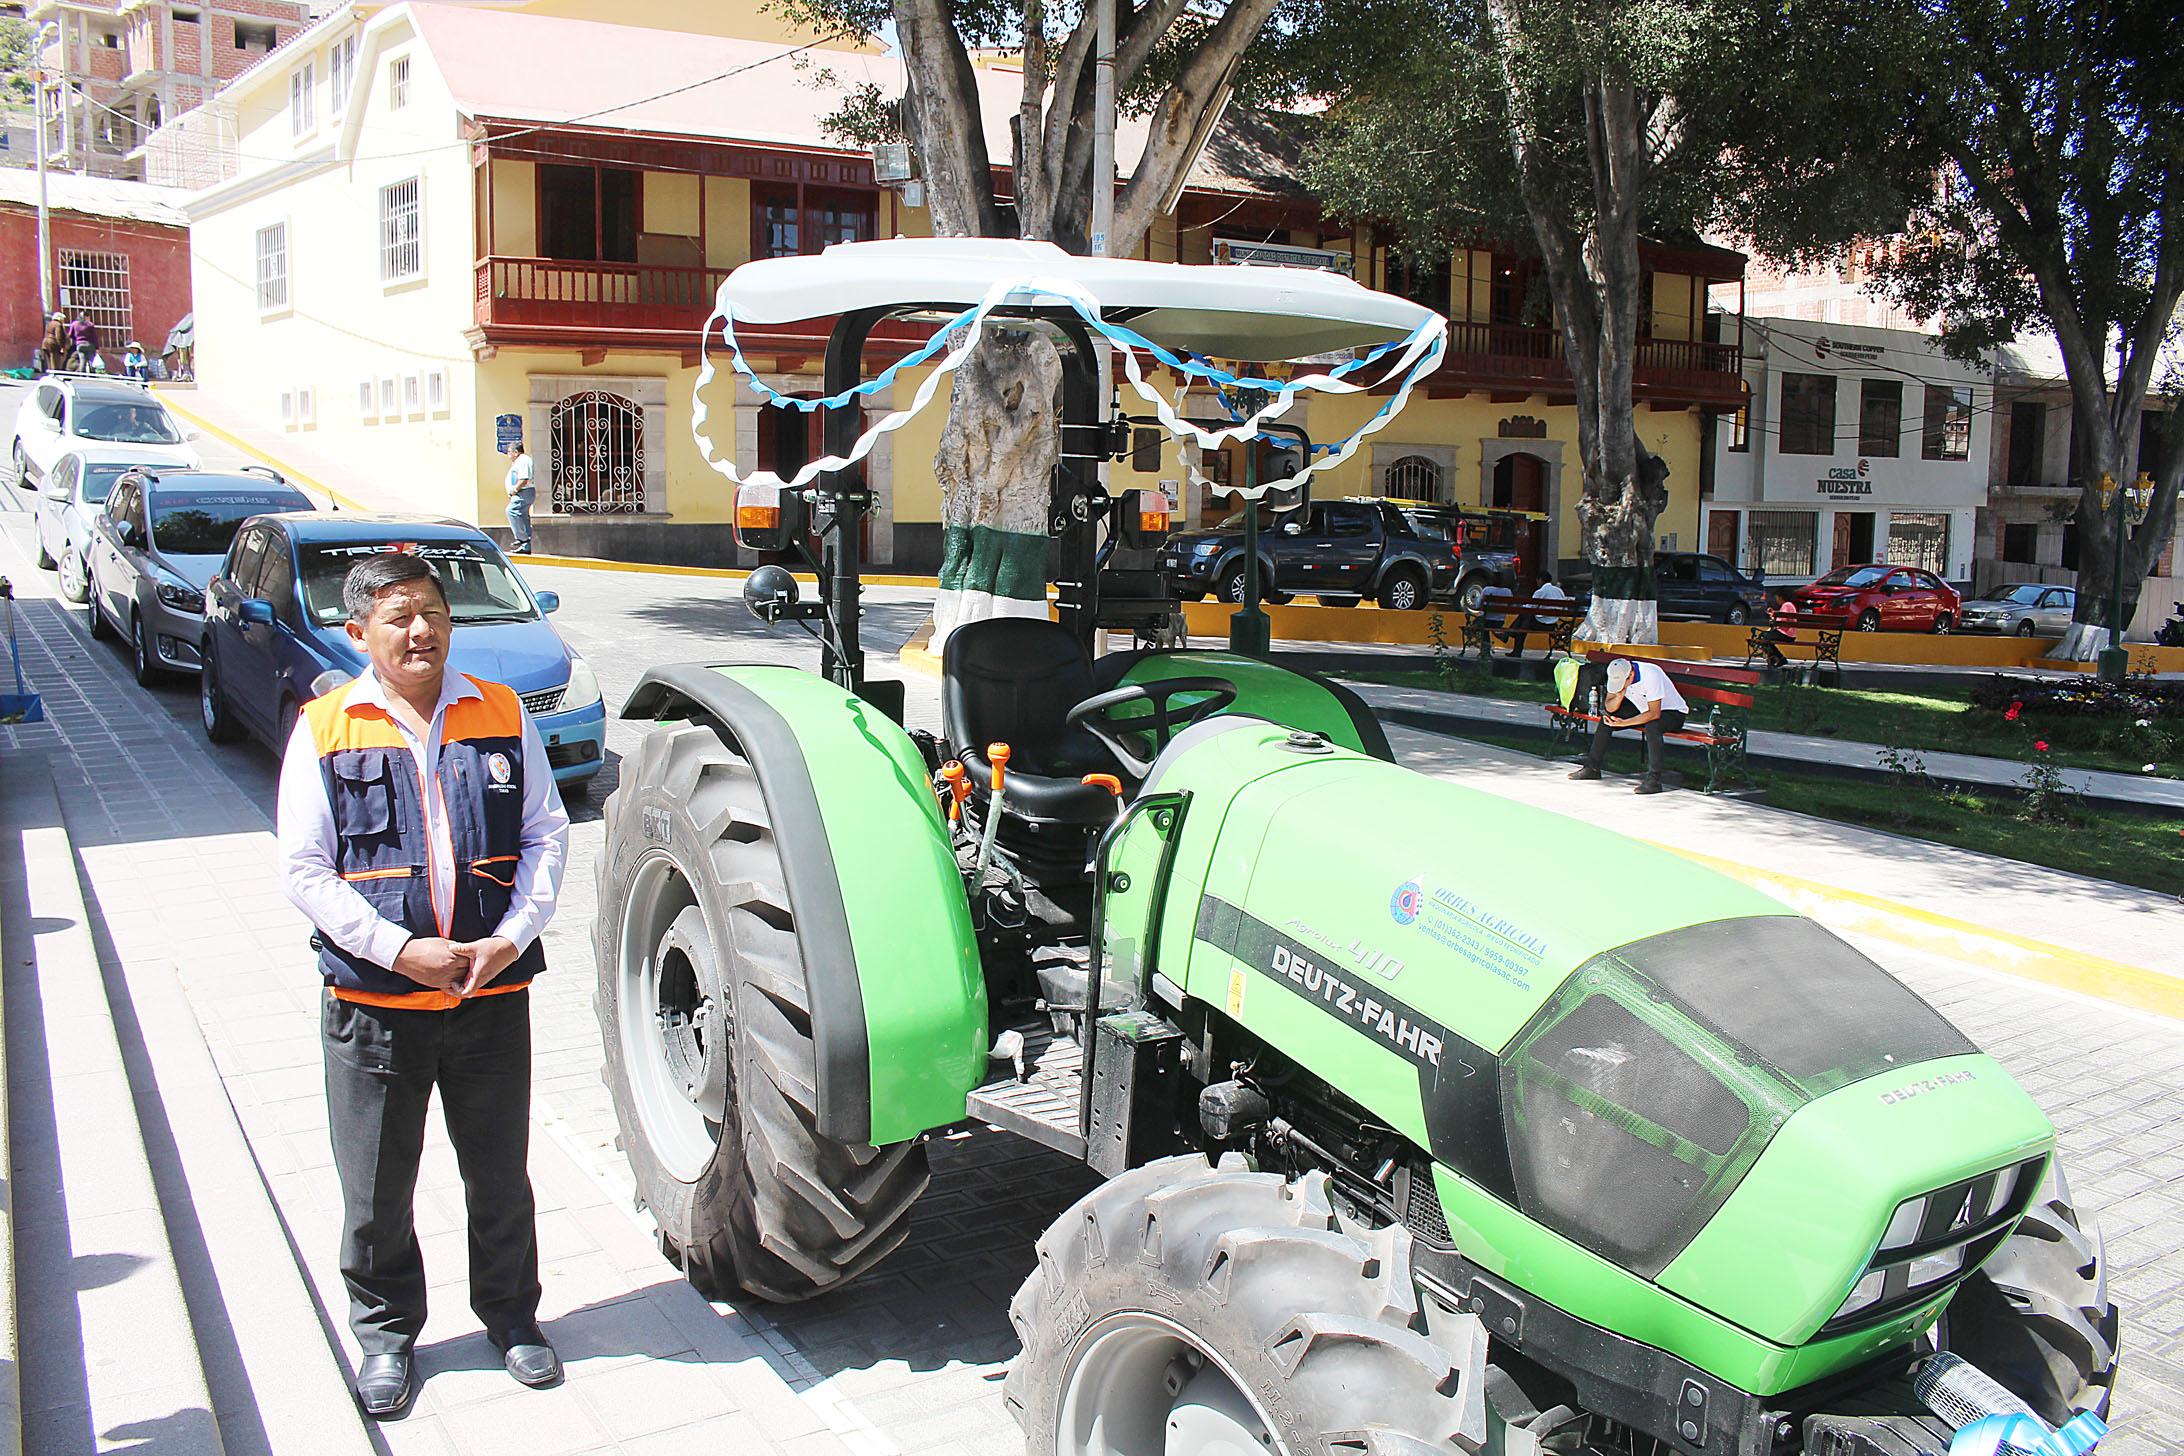 MUNICIPALIDAD DE TORATA ADQUIERE 03 MODERNOS TRACTORES AGRÍCOLAS PARA ATENDER A LOS AGRICULTORES DEL DISTRITO